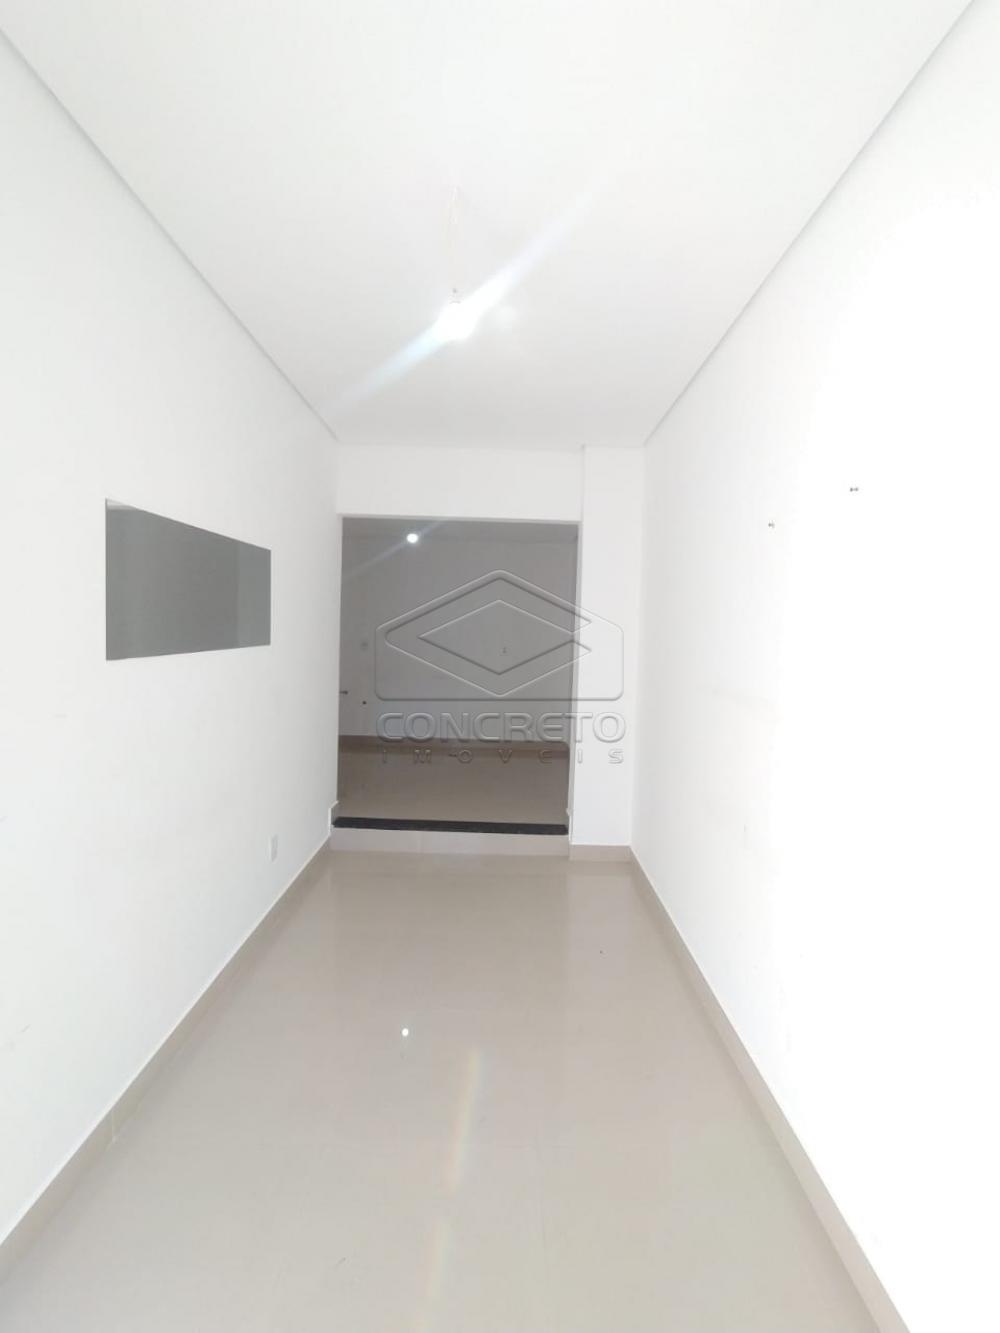 Alugar Comercial / Salão em Bauru R$ 650,00 - Foto 2